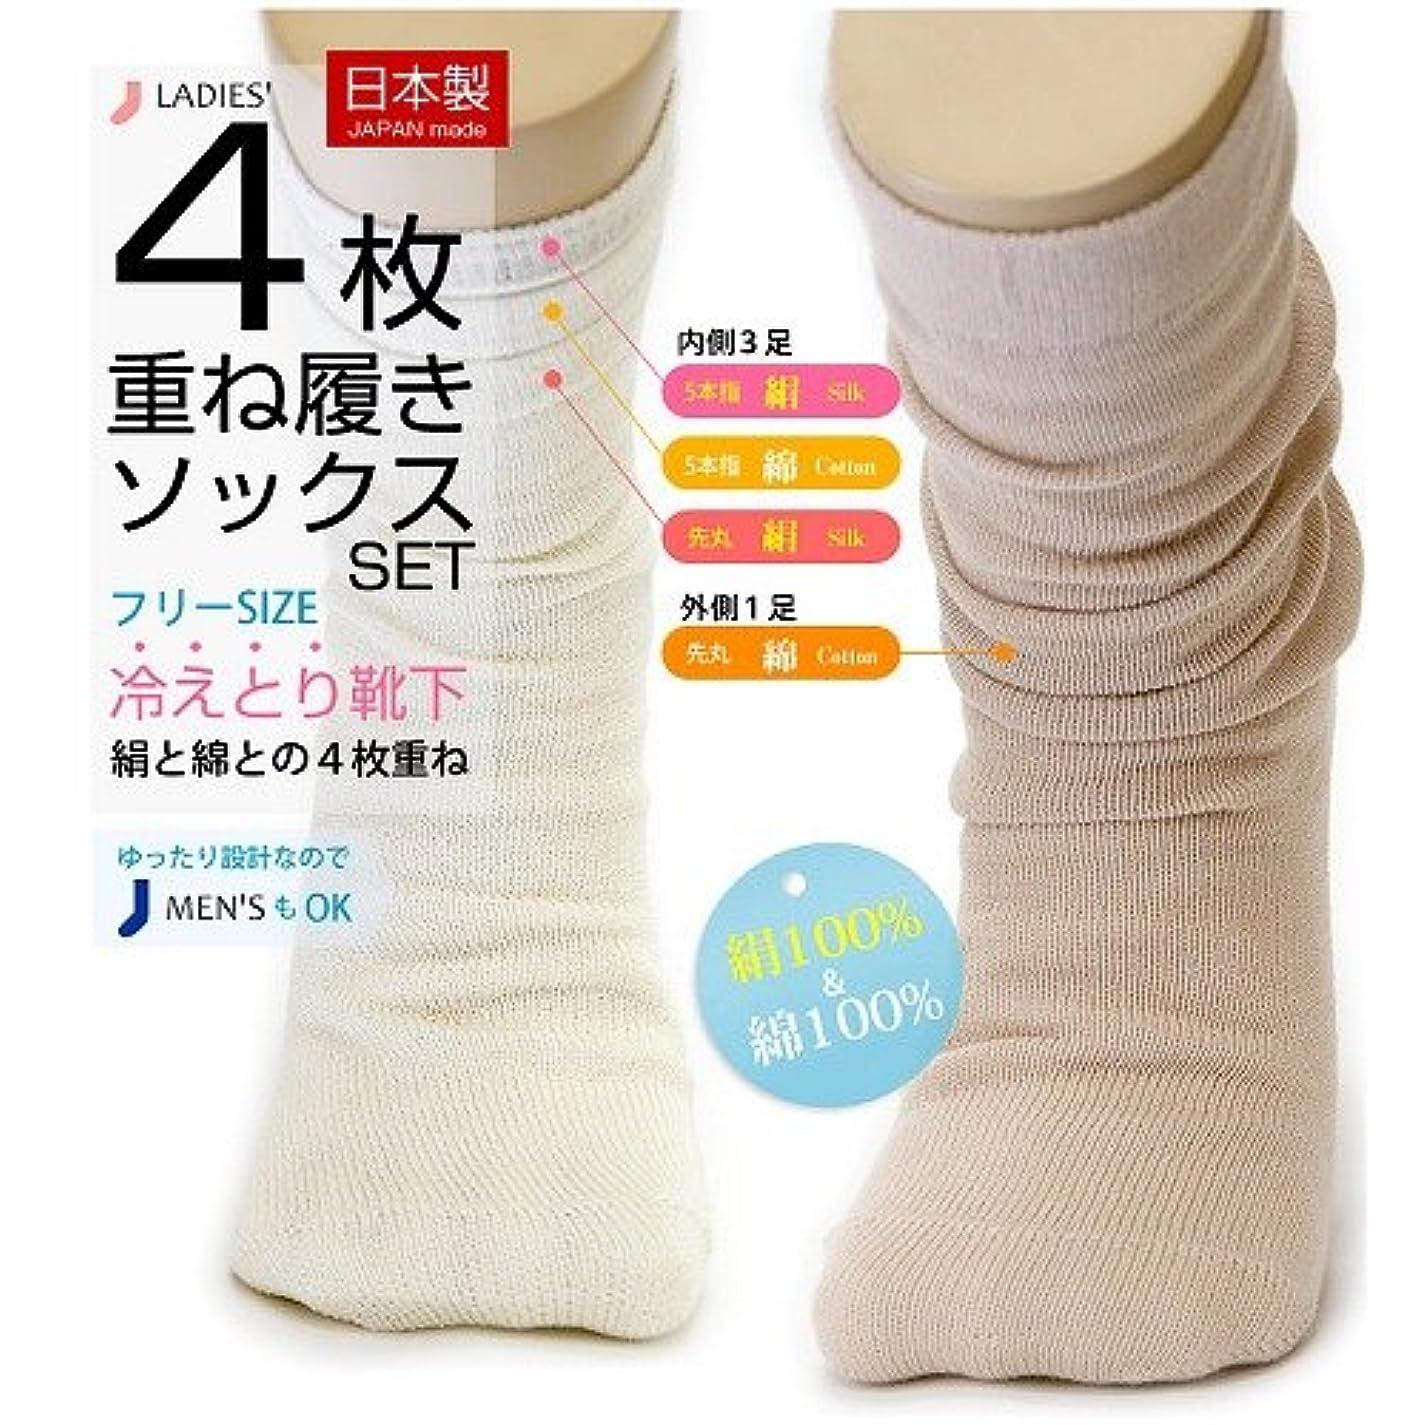 構成員氷キャプチャー冷え取り靴下 綿100%とシルク100% 最高級の日本製 4枚重ね履きセット(外側チャコール)